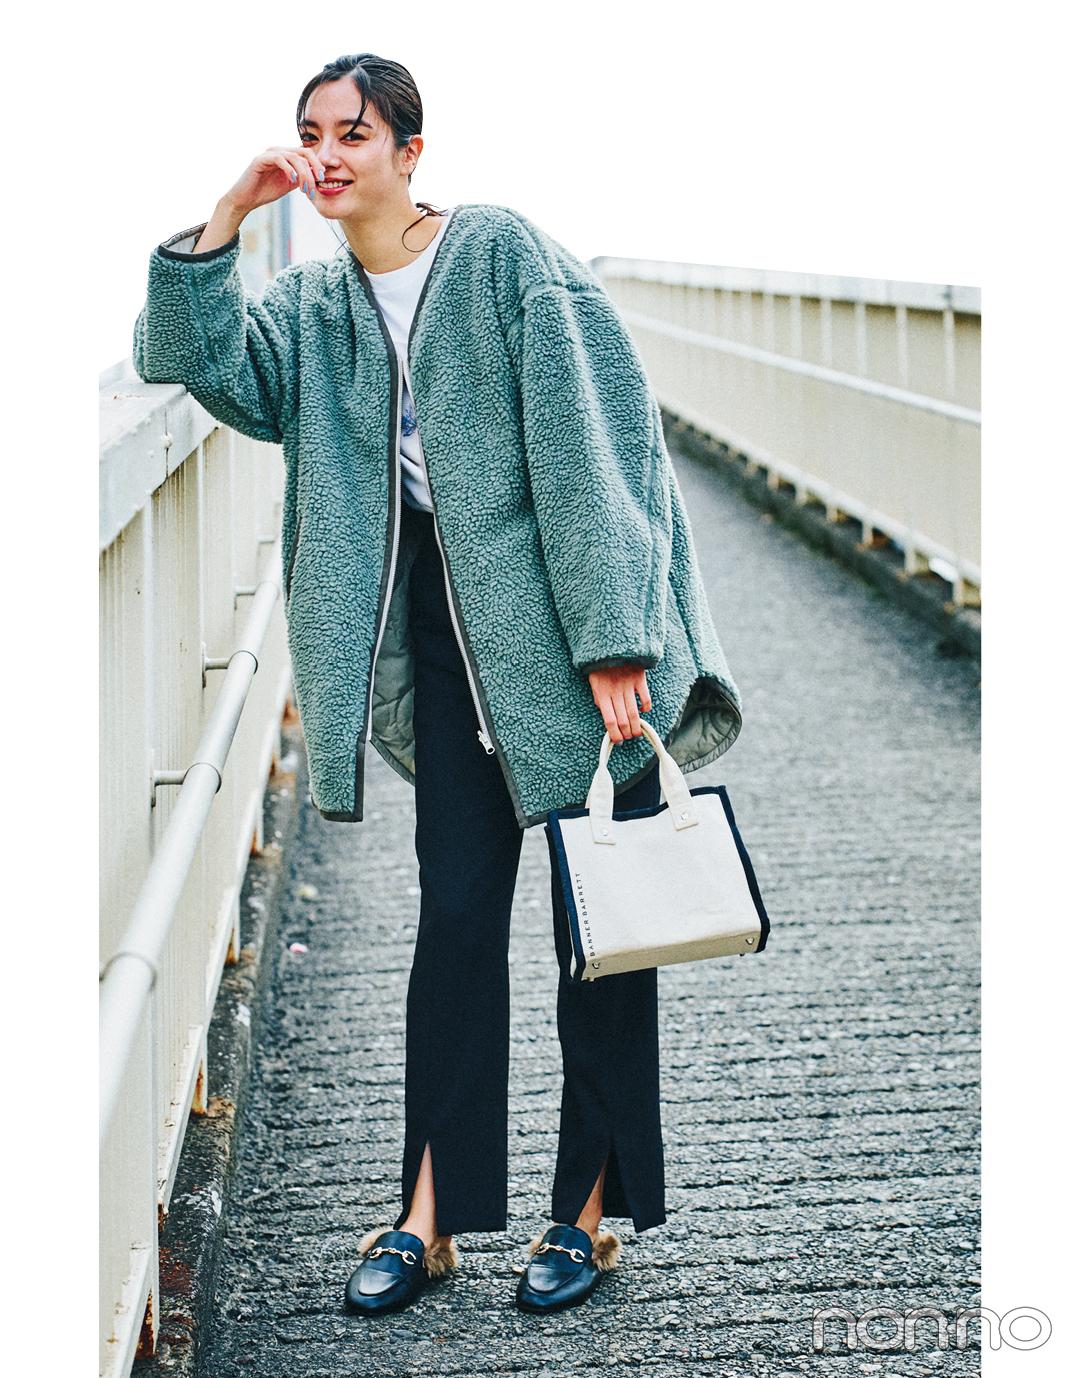 新川優愛の冬私服♡ ボリュームトップスには黒パンツですっきり女っぽシルエット_1_3